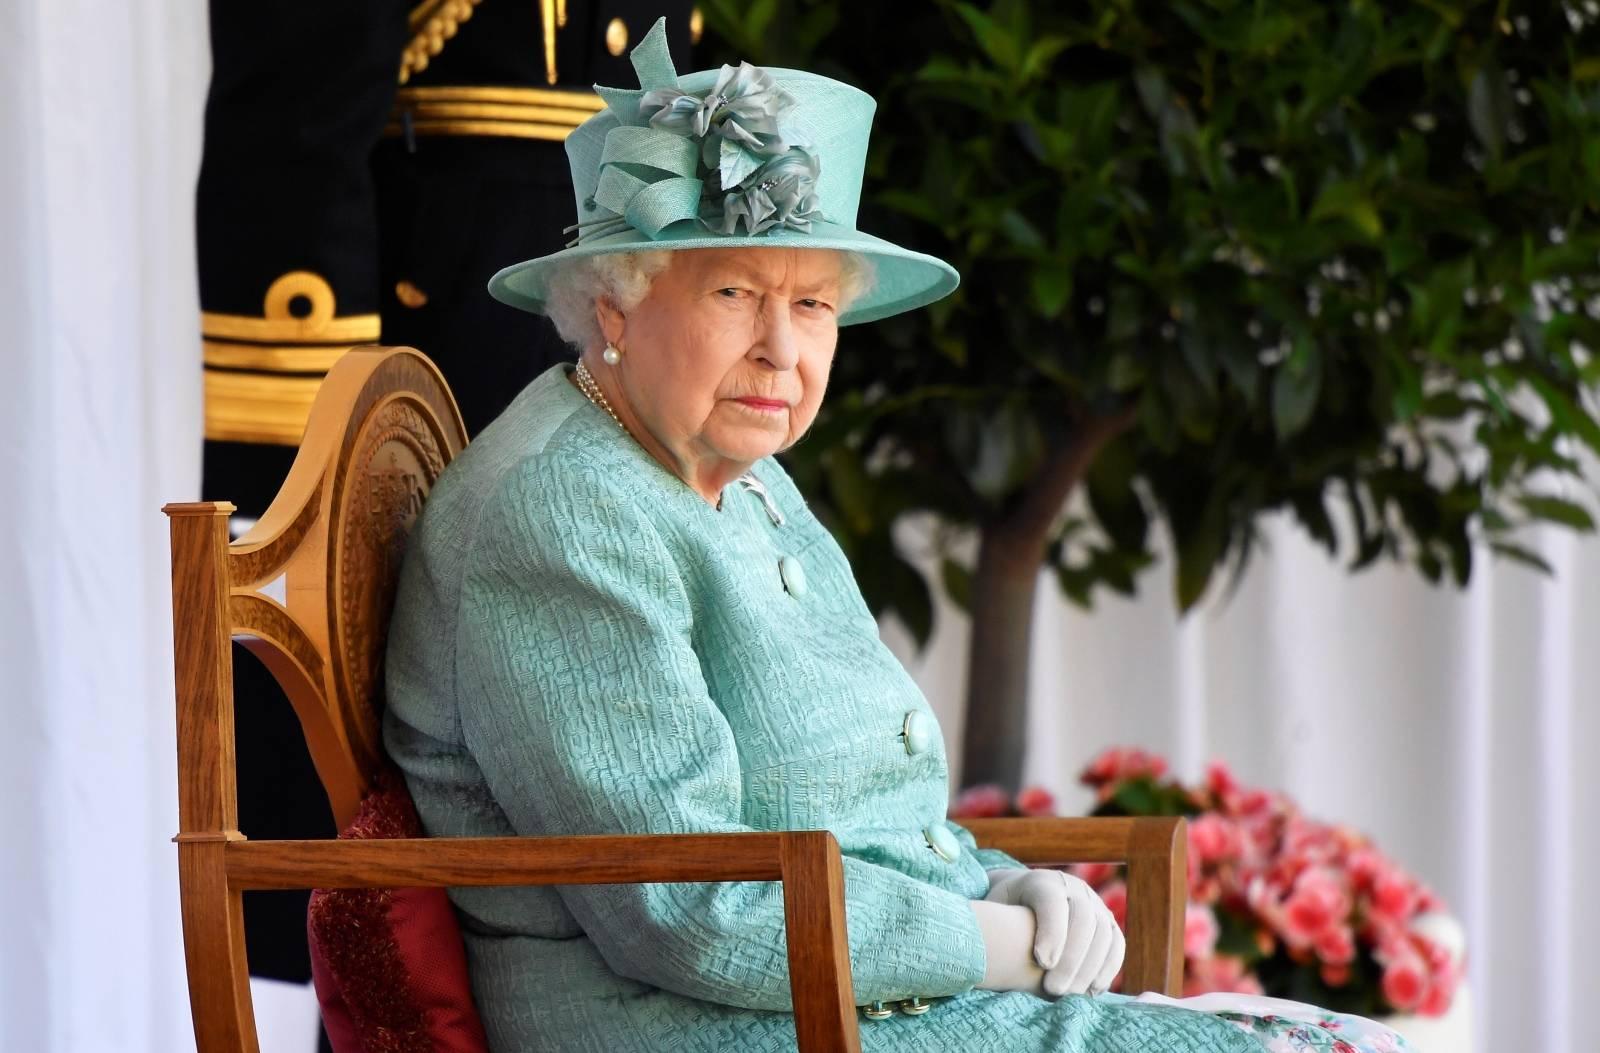 Queen Elizabeth II official birthday